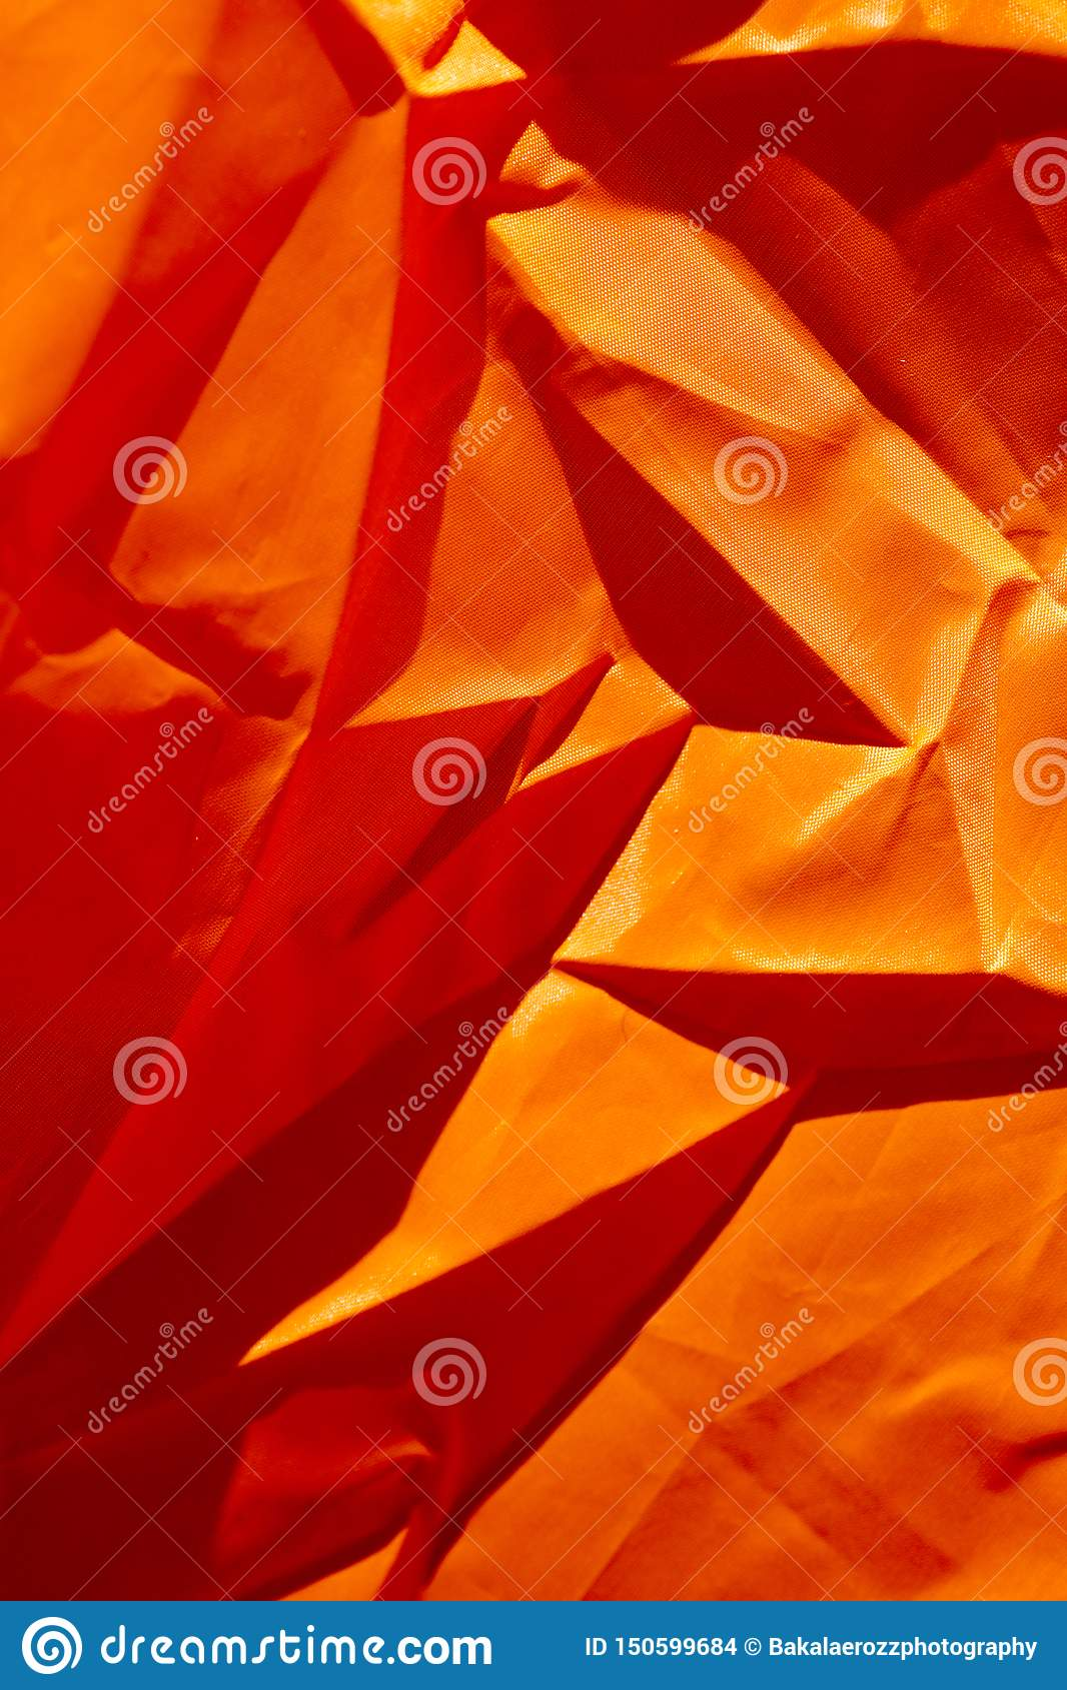 Oranje polyester macro abstracte fijne kunst als achtergrond in hoogte - de producten van kwaliteitsdrukken